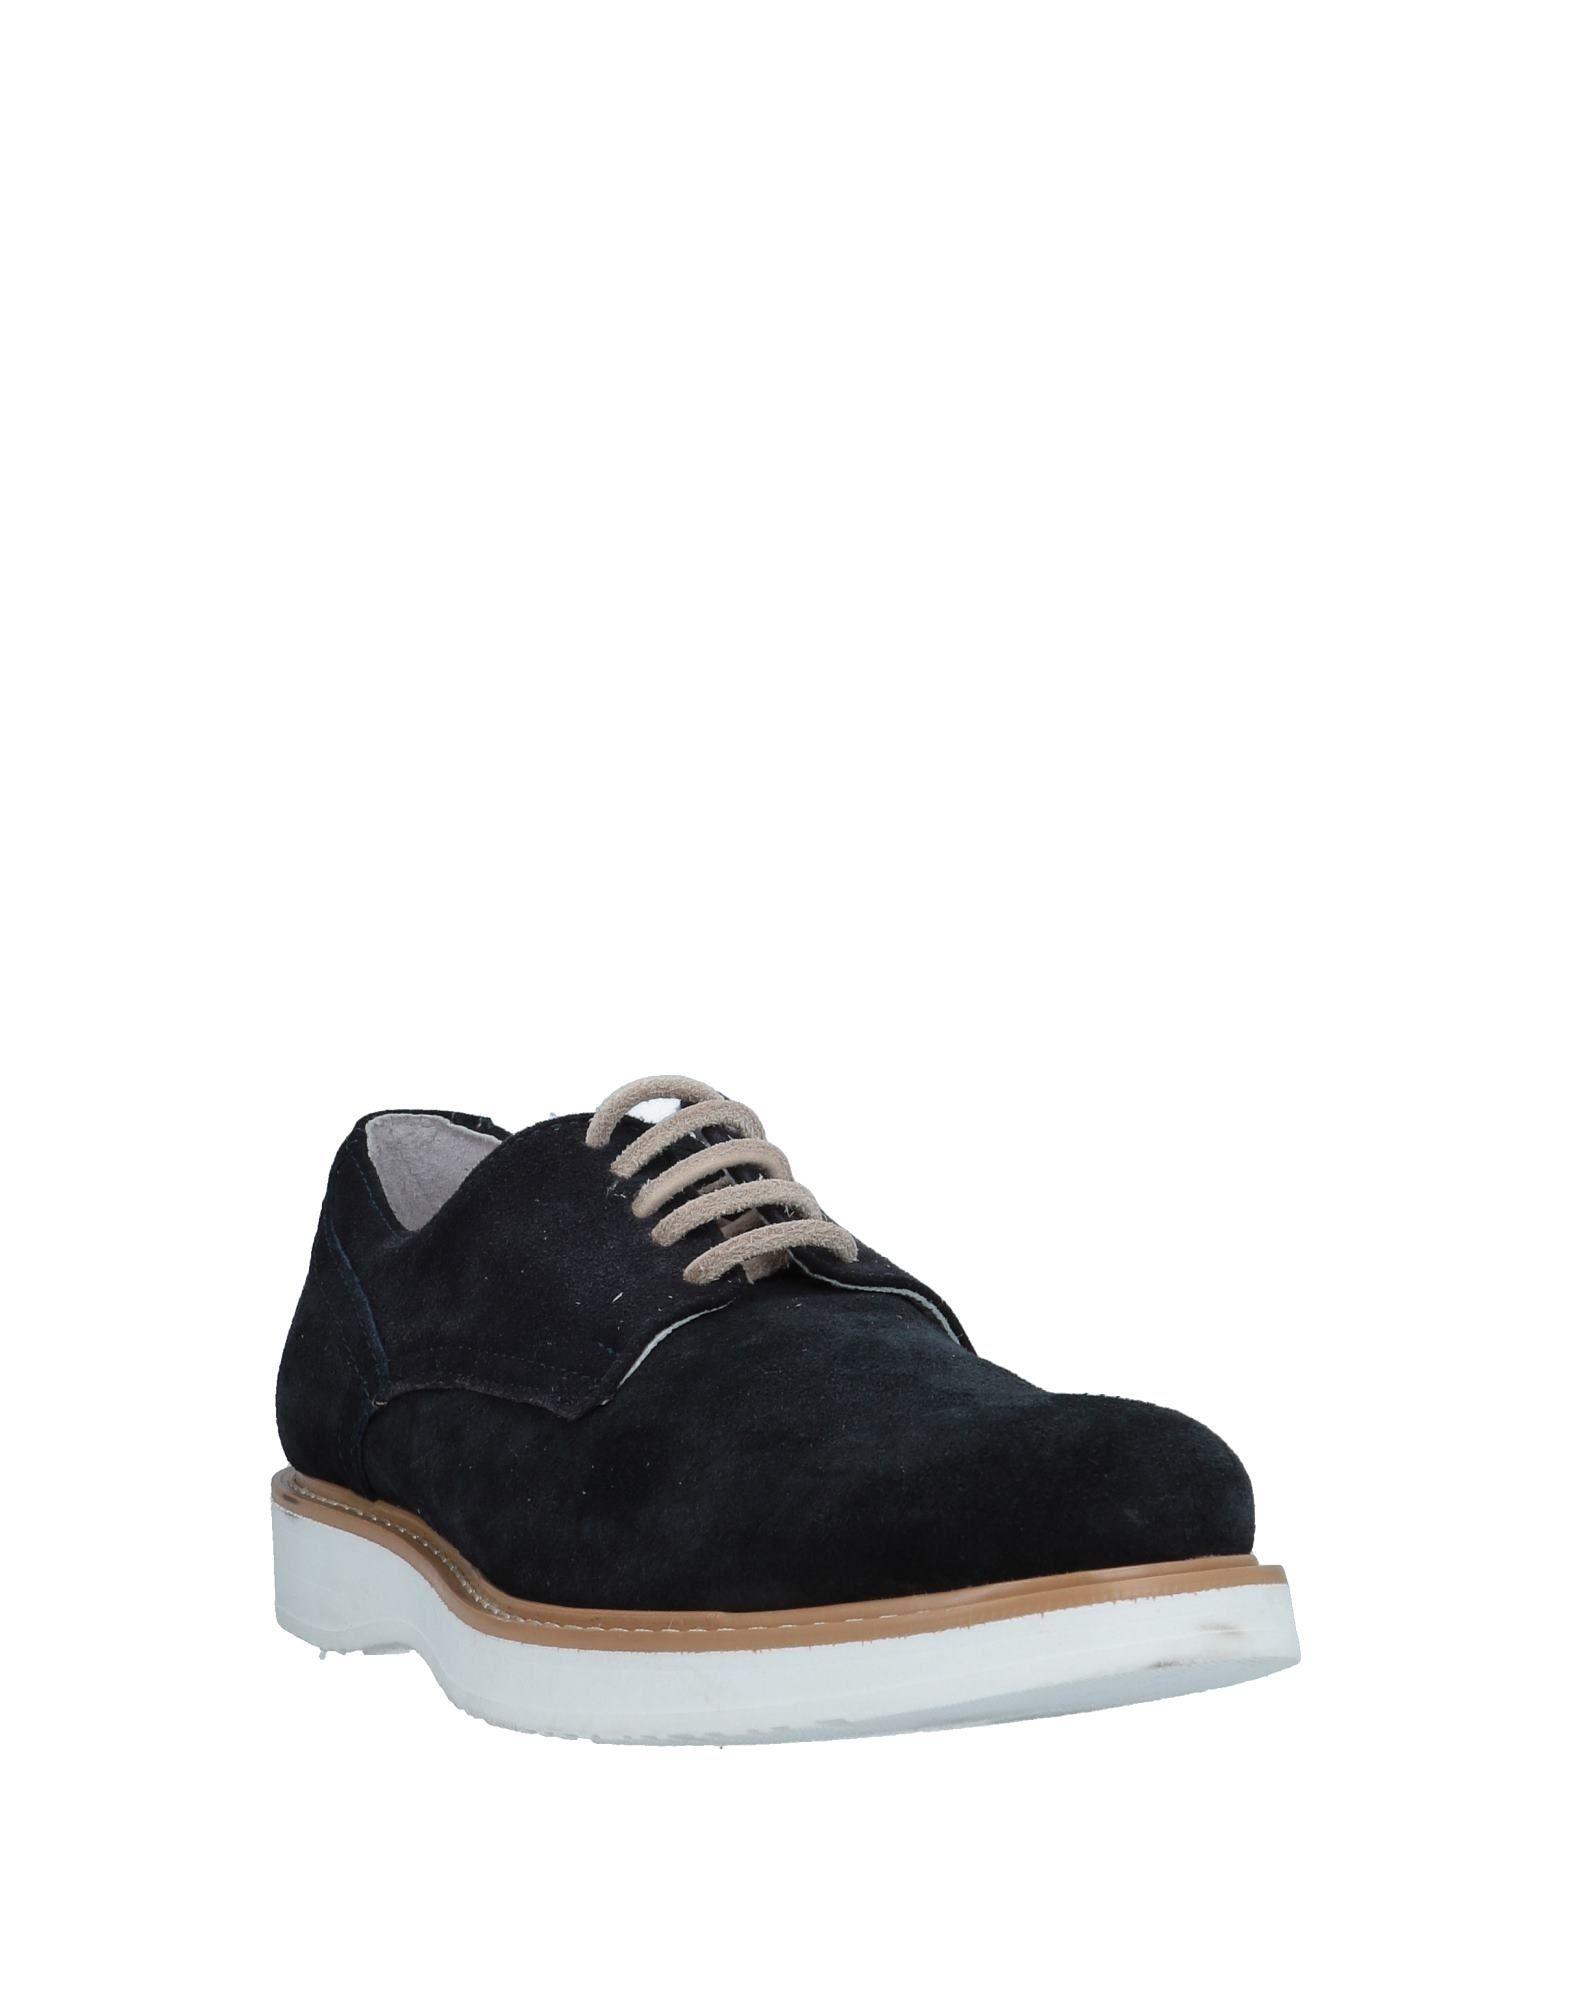 Rabatt Schnürschuhe echte Schuhe Marc May Schnürschuhe Rabatt Herren  11555878NN 1f93e2